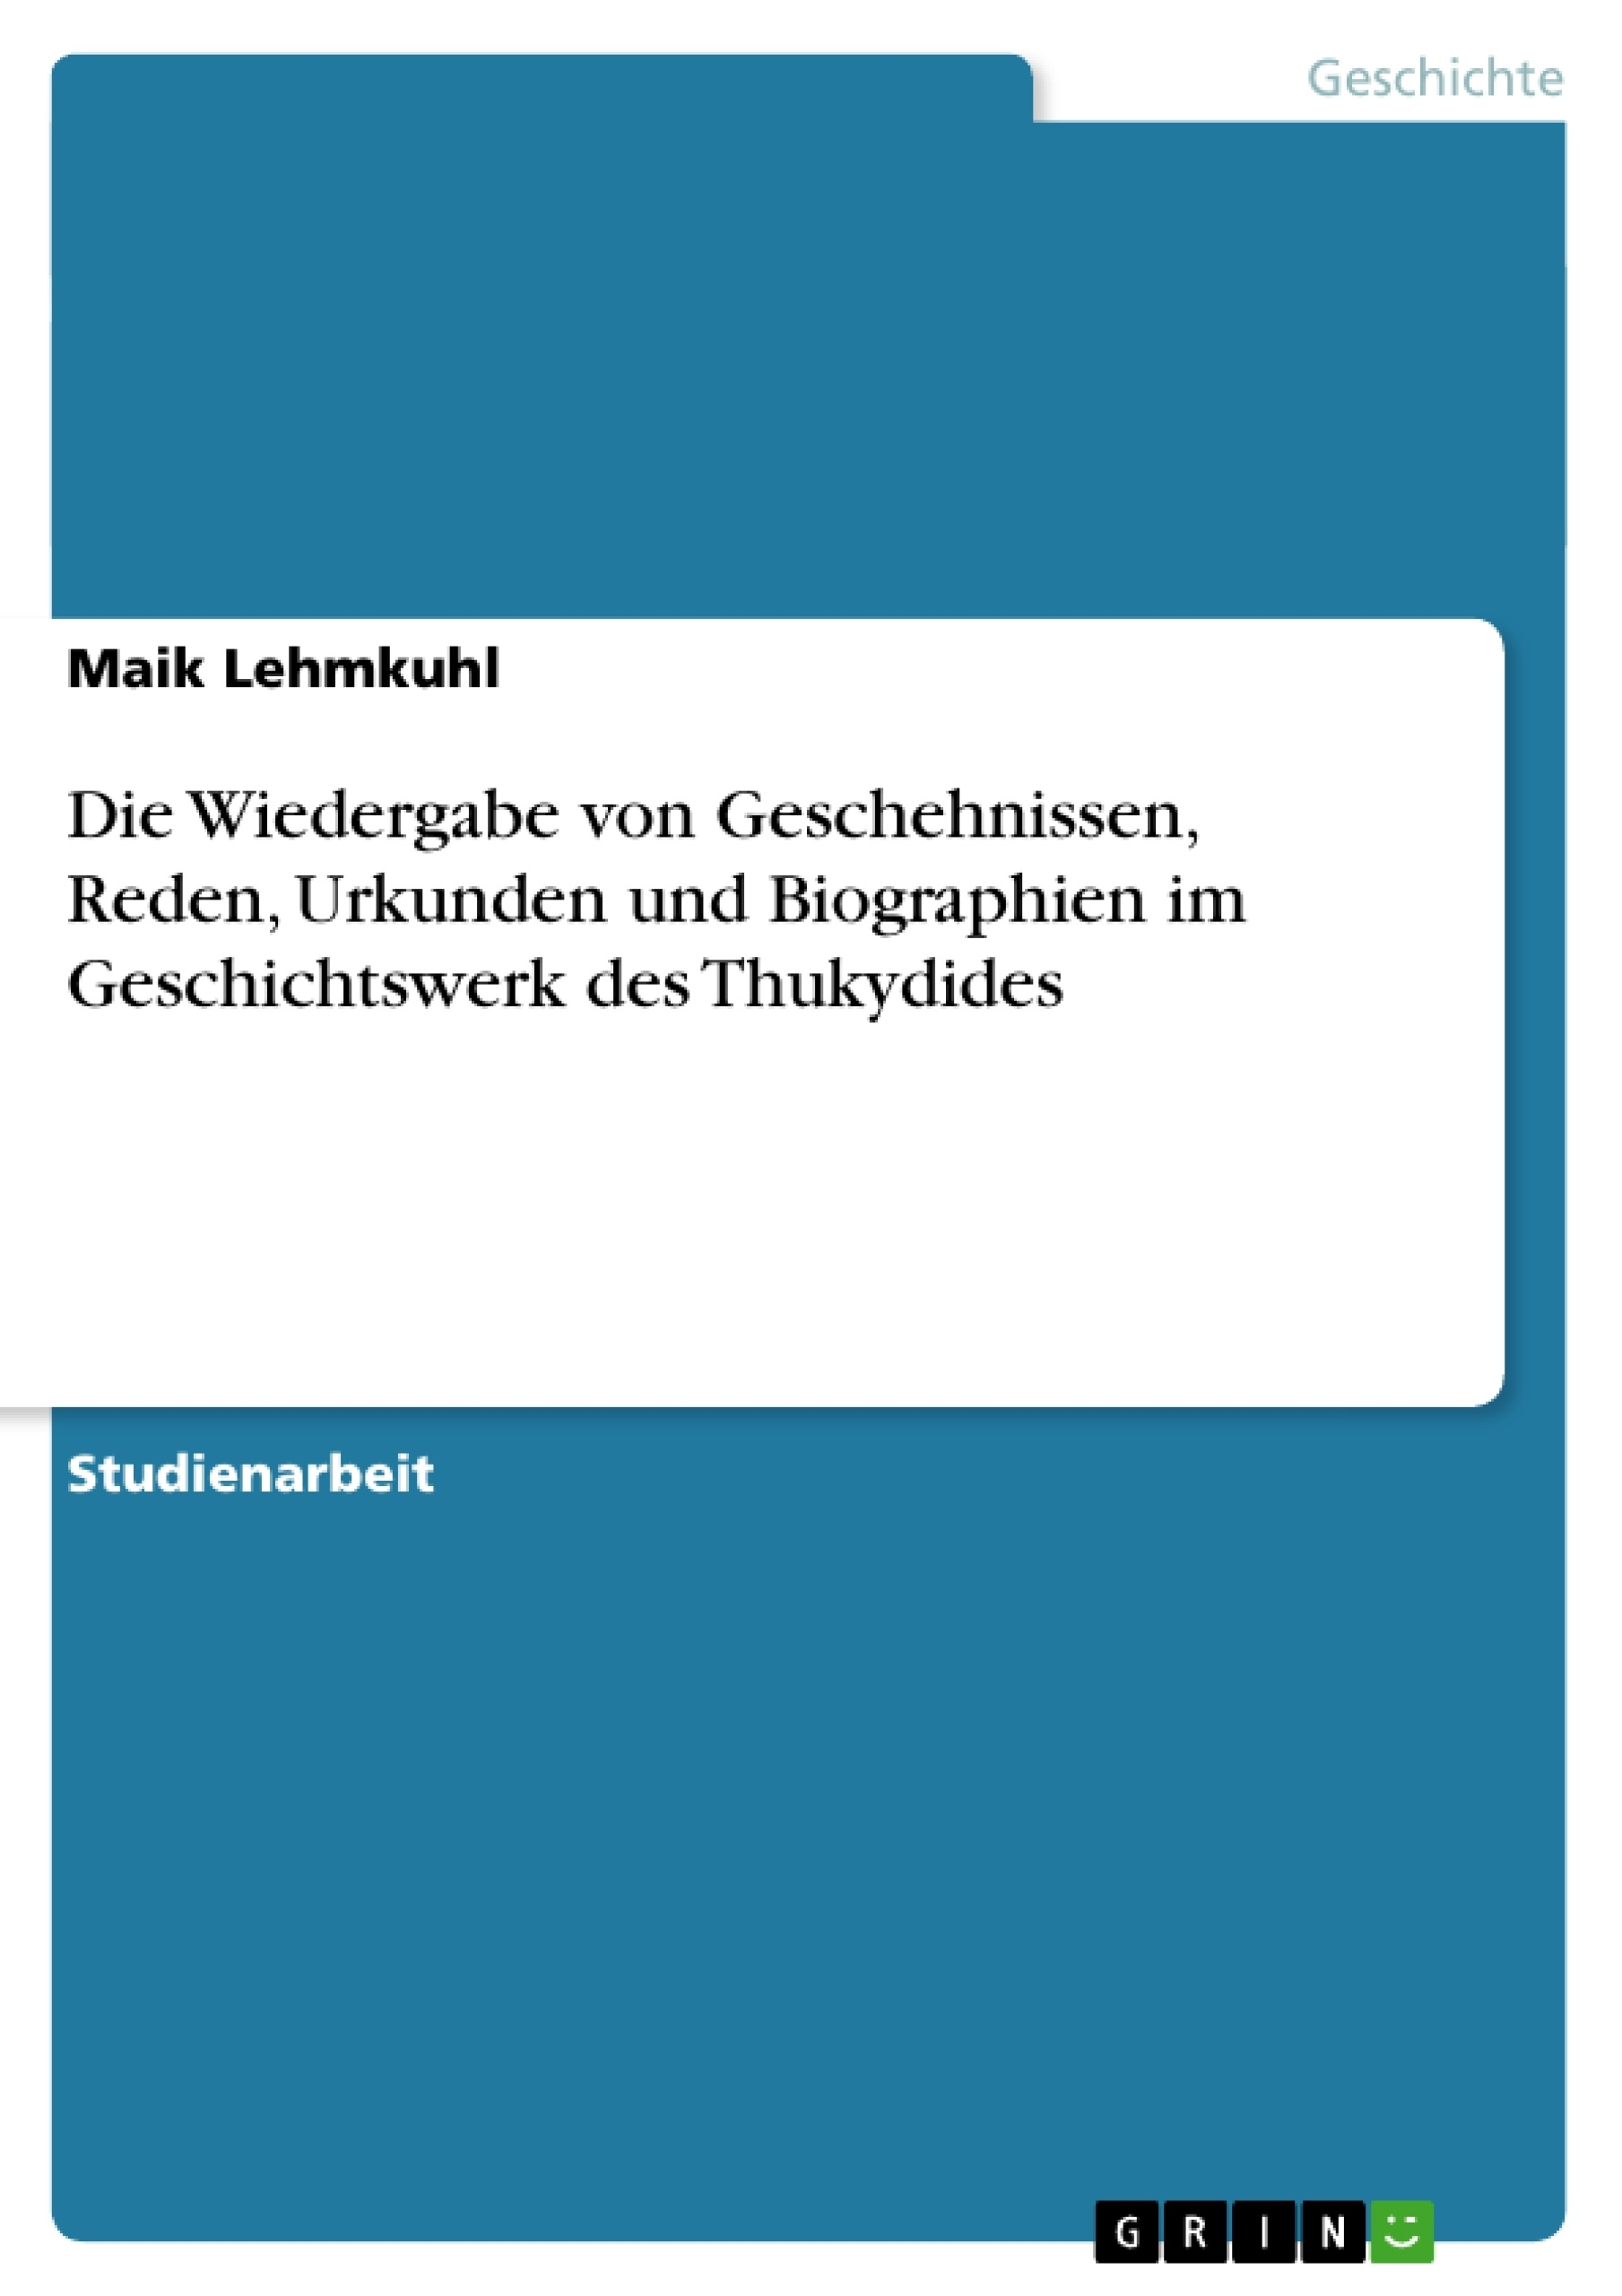 Titel: Die Wiedergabe von Geschehnissen, Reden, Urkunden und Biographien im Geschichtswerk des Thukydides